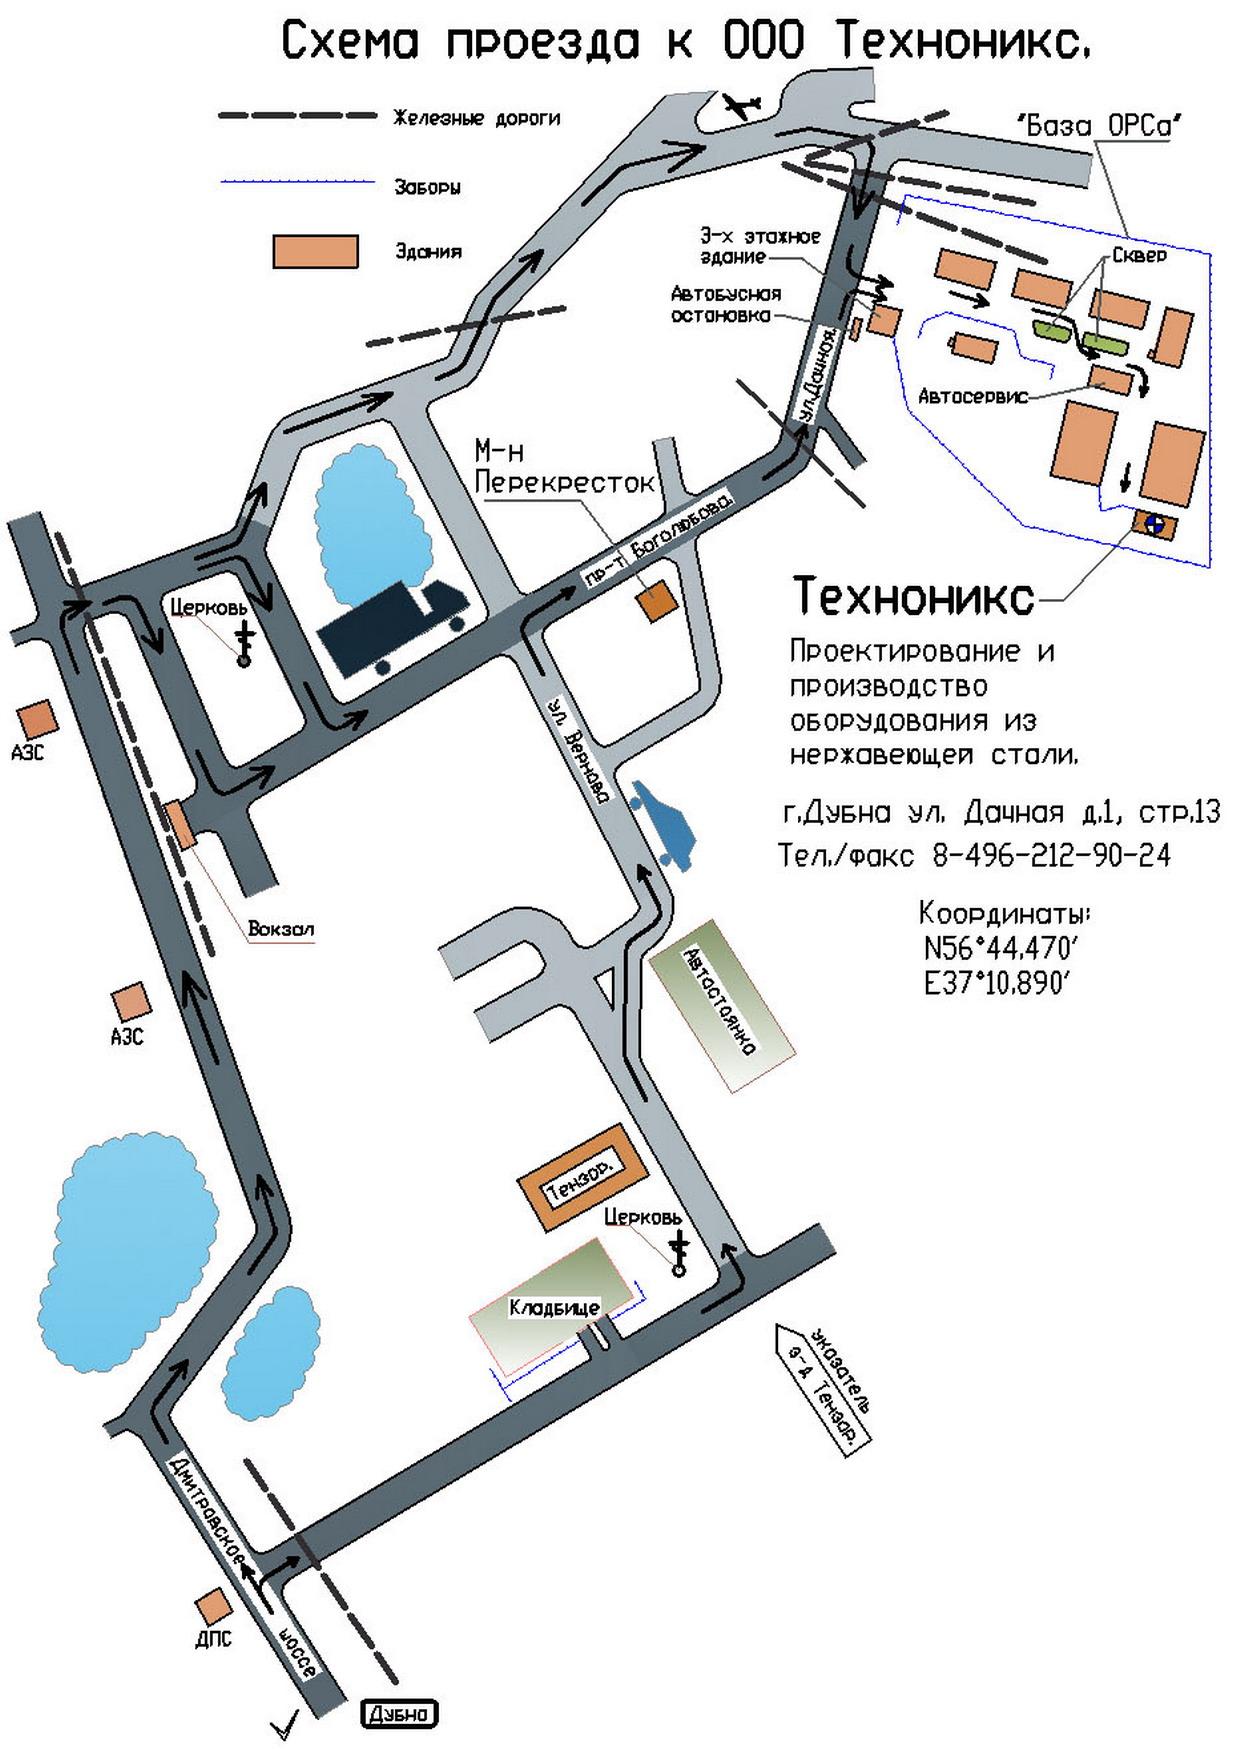 схема проезда ТЕХНОНИКС